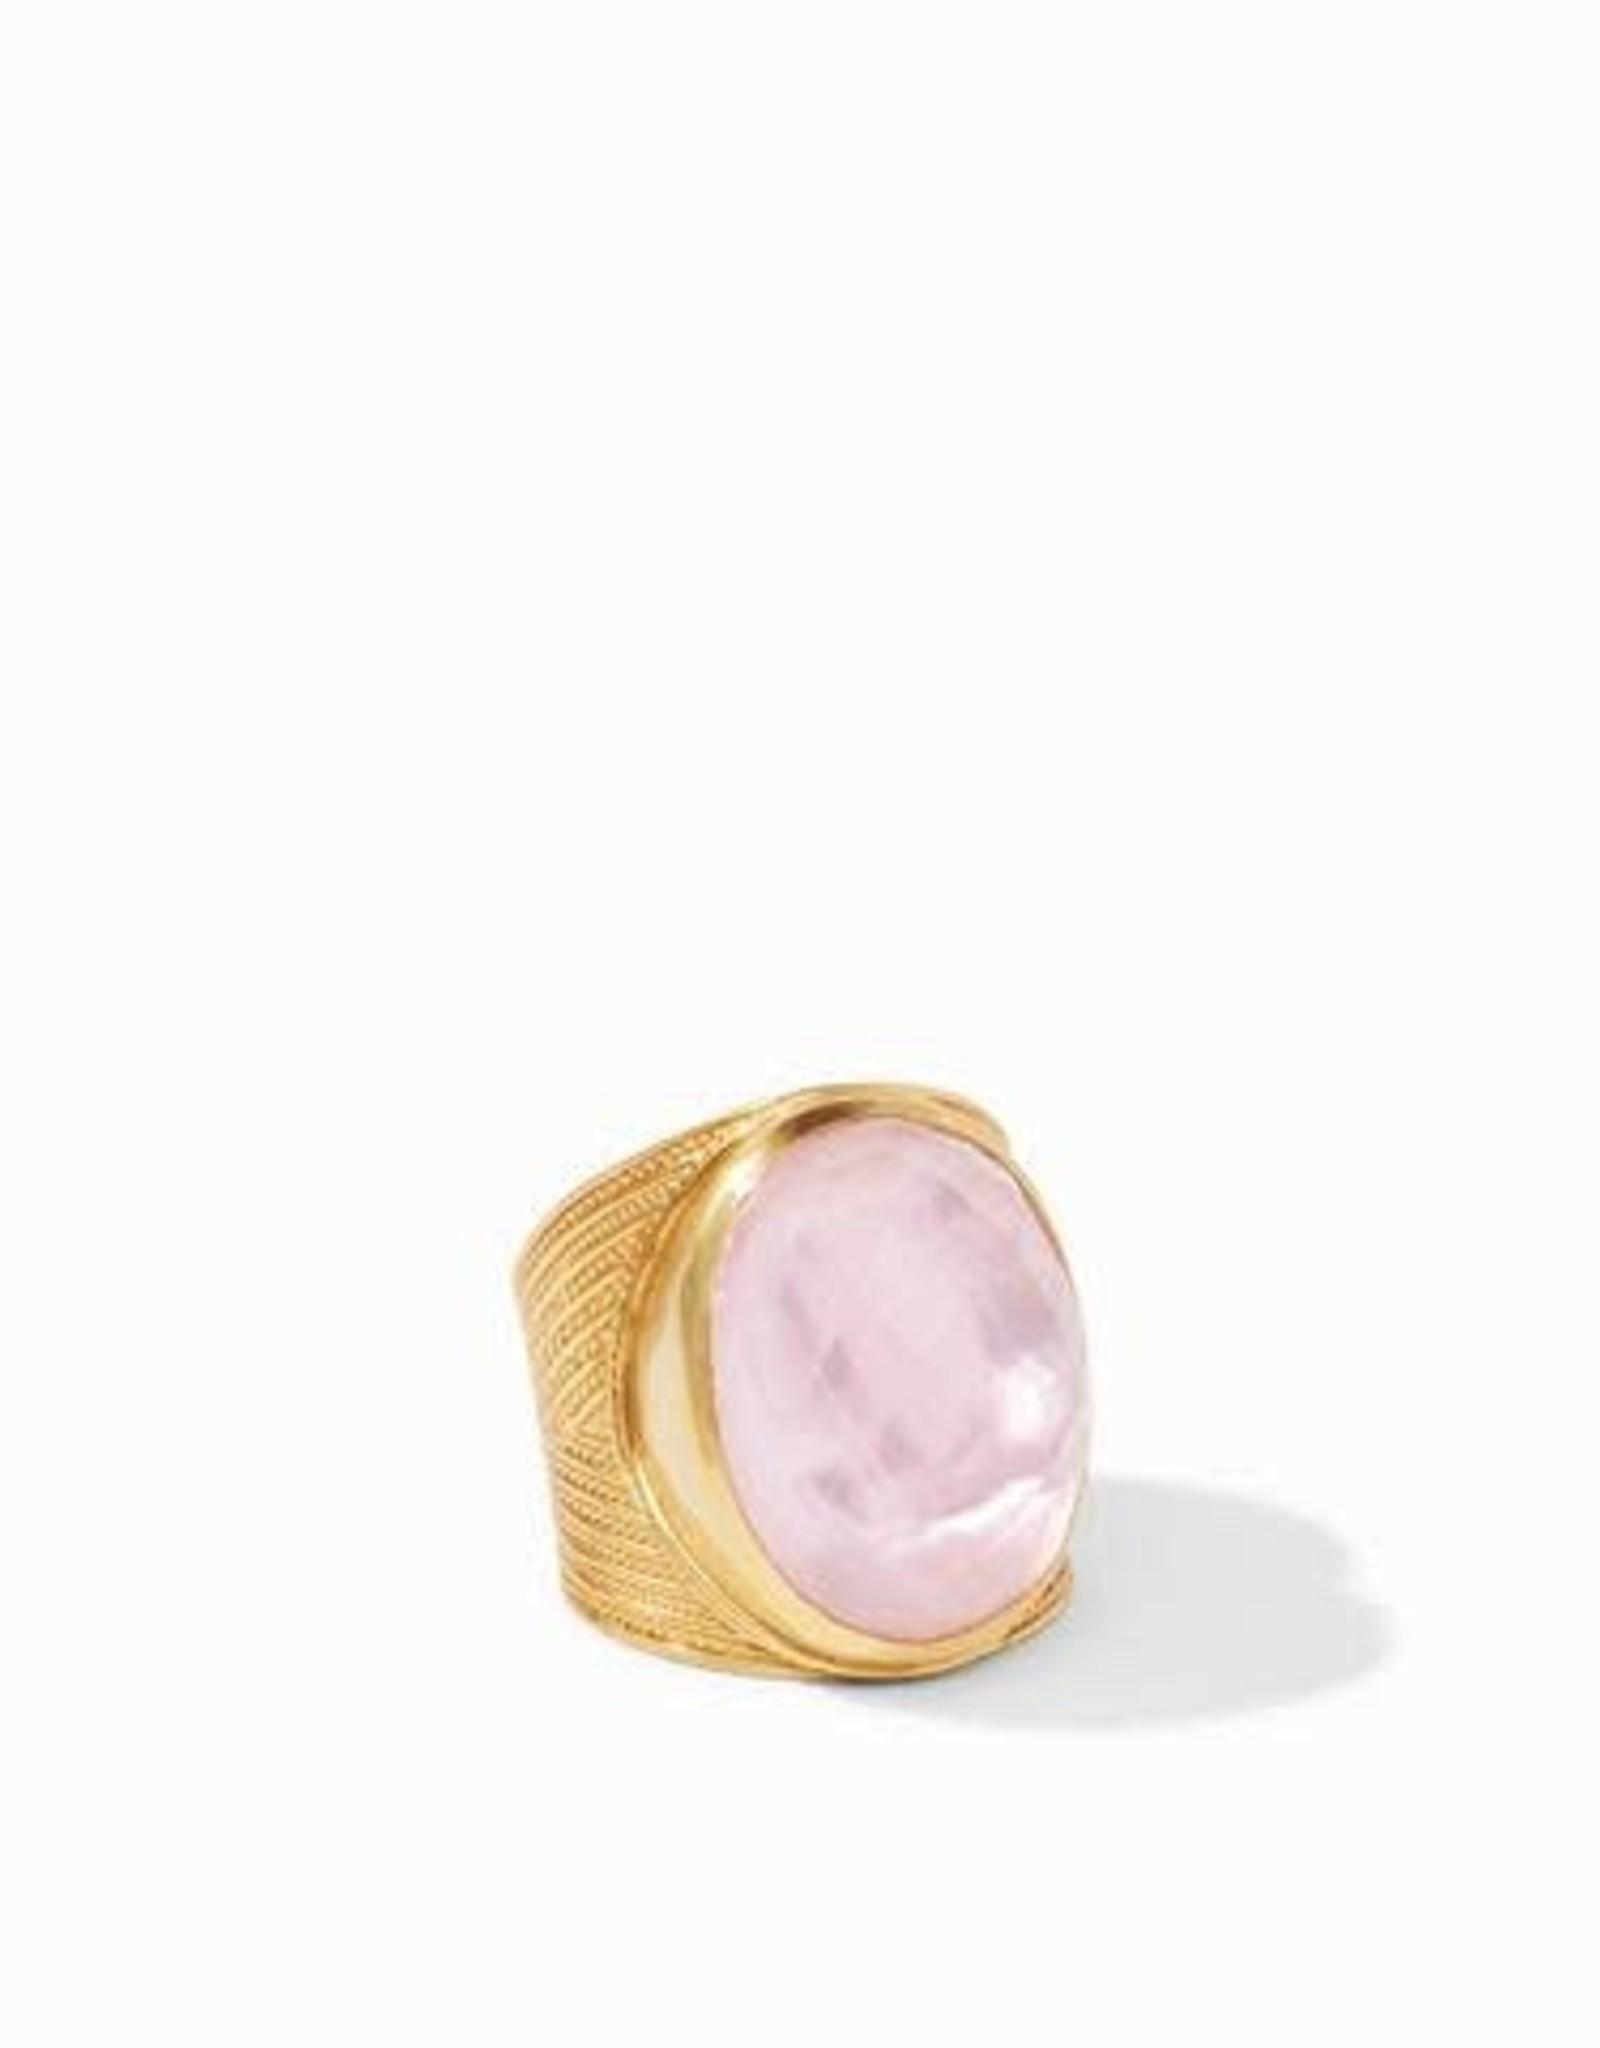 Julie Vos Verona Statement Ring Gold Iridescent Rose - Size 7 Adjustable